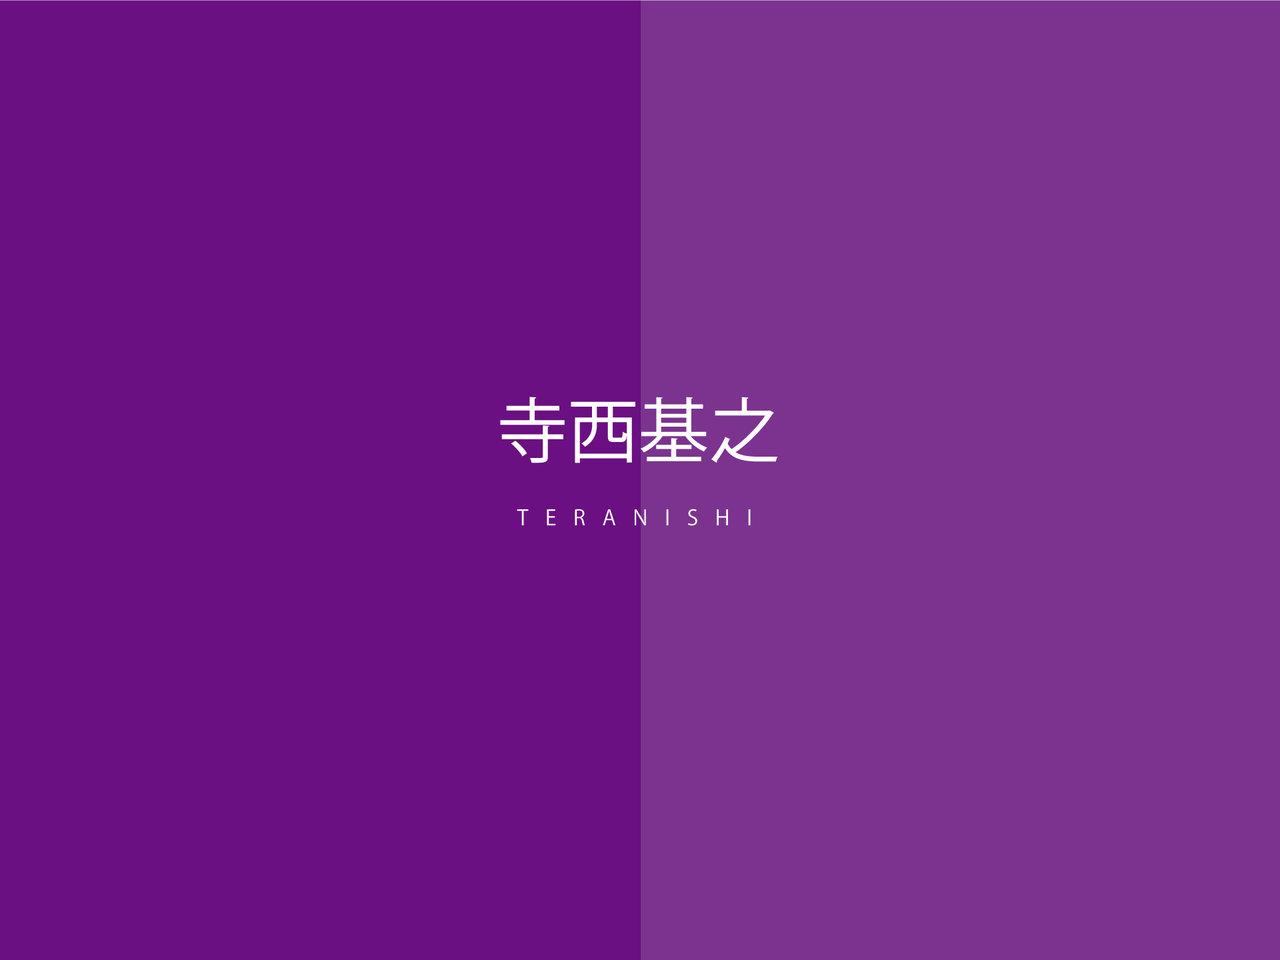 びわ湖ホール「神々の黄昏」無観客上演  2020年3月7日、8日 びわ湖ホール